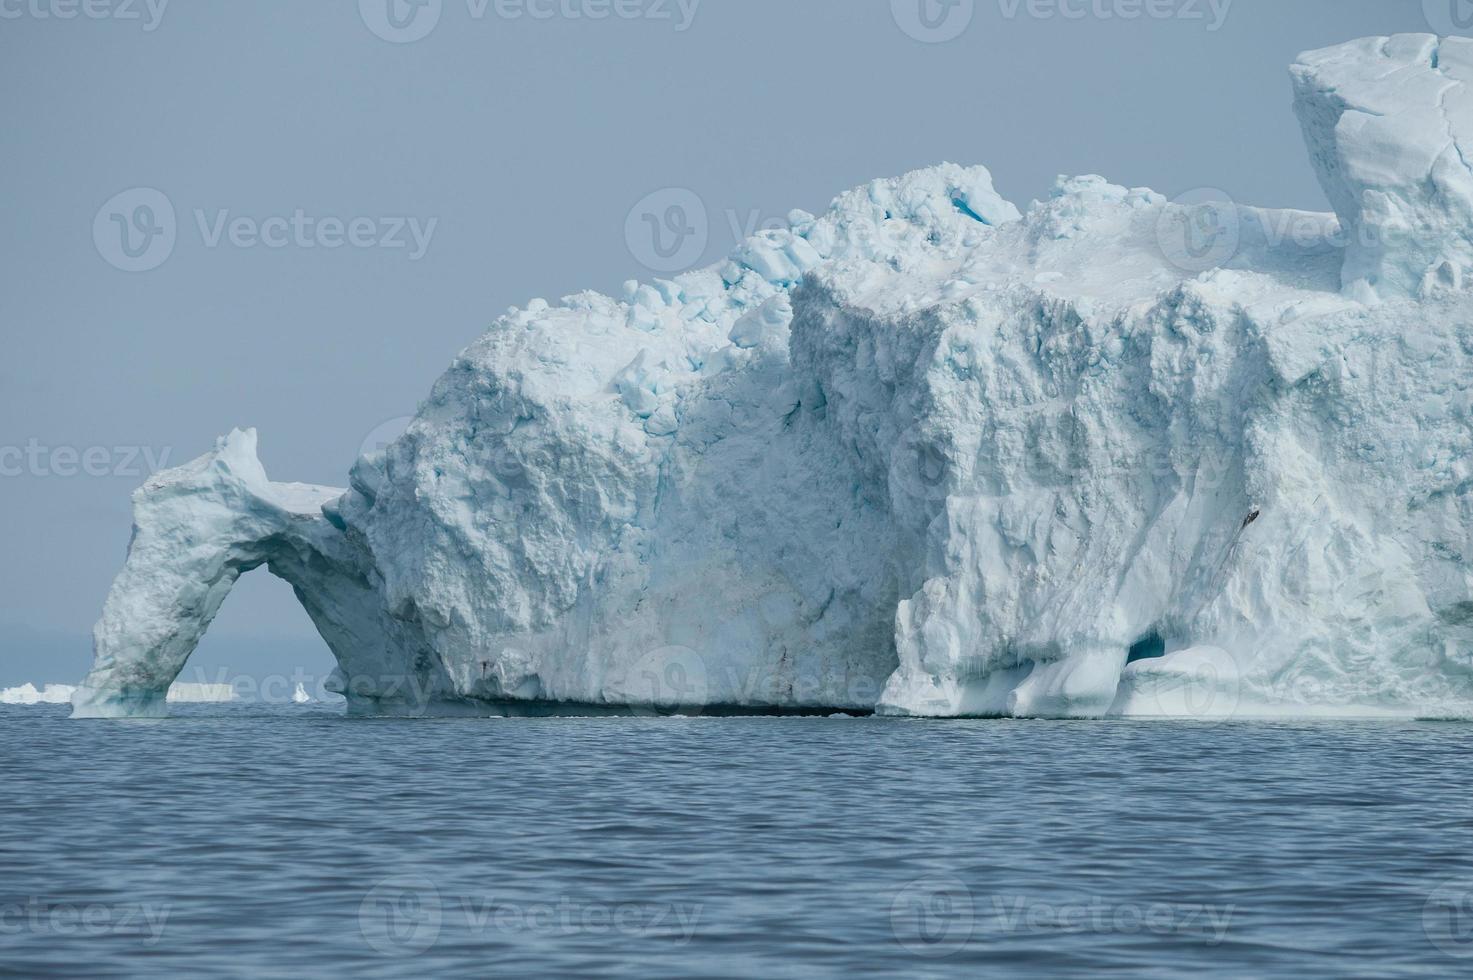 großer Eisberg schwimmt in der Disko-Bucht, Nordgrönland foto